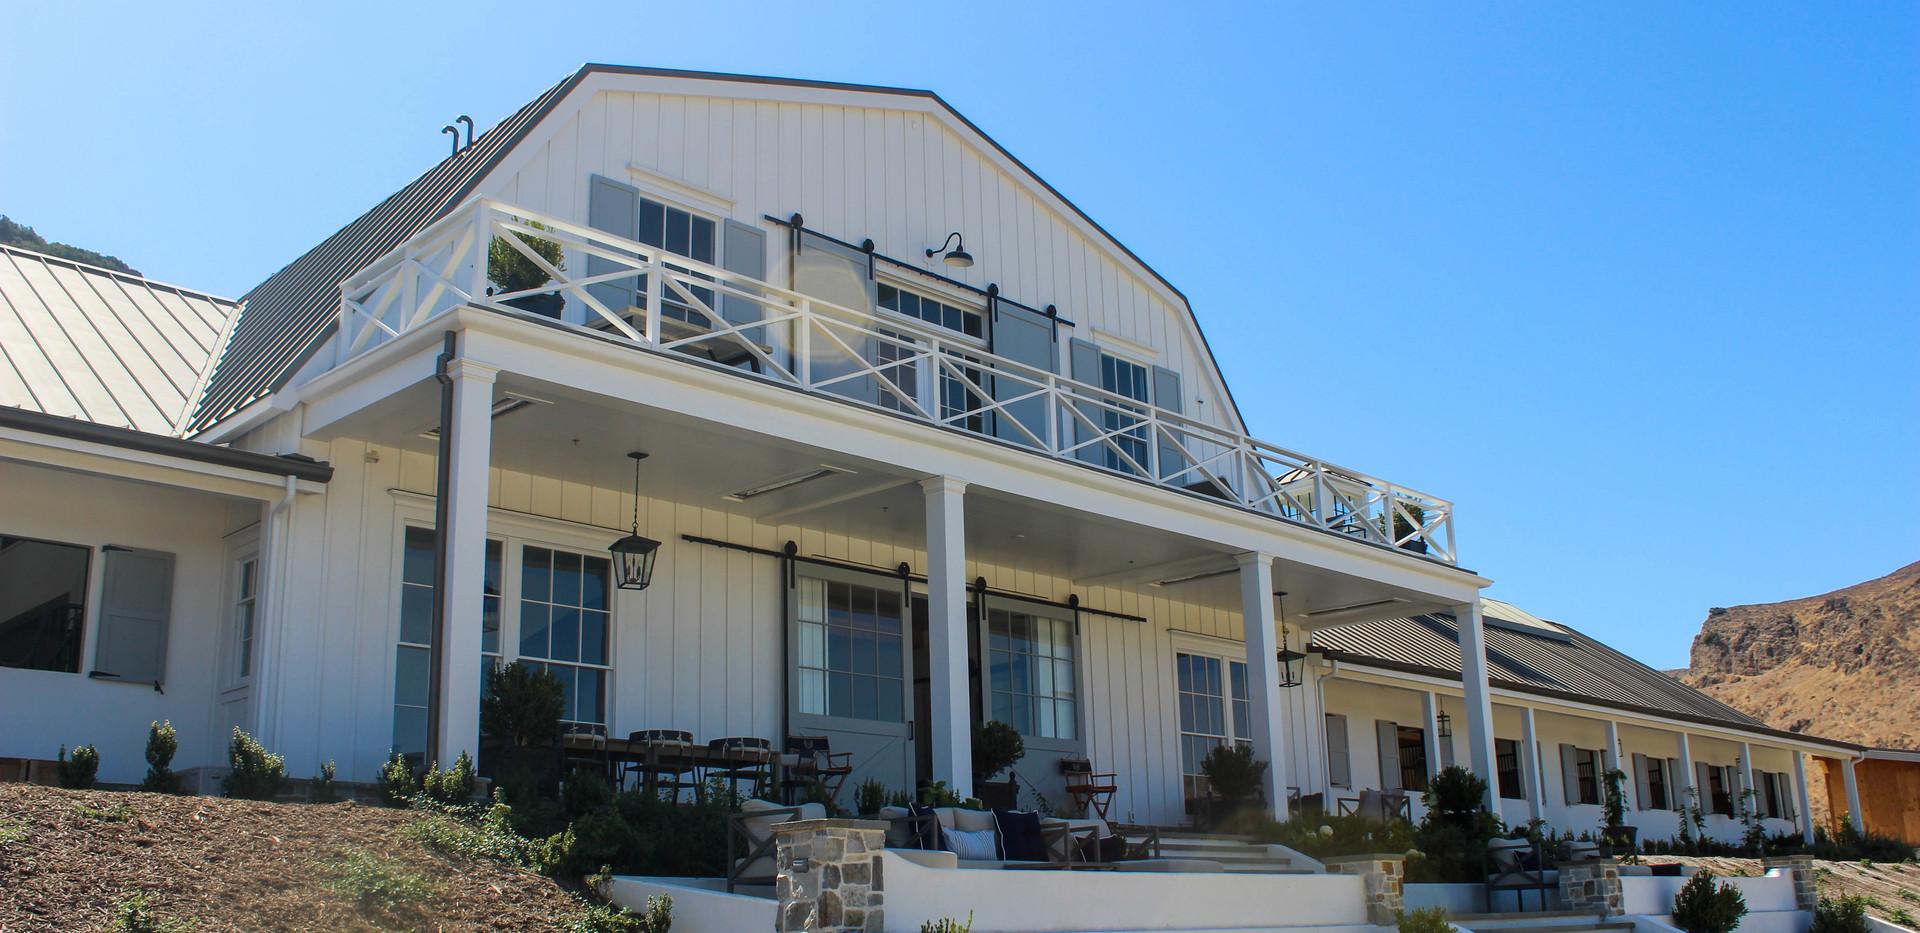 Q of E Farm - Home of Ingenium Farm - Viewing Area